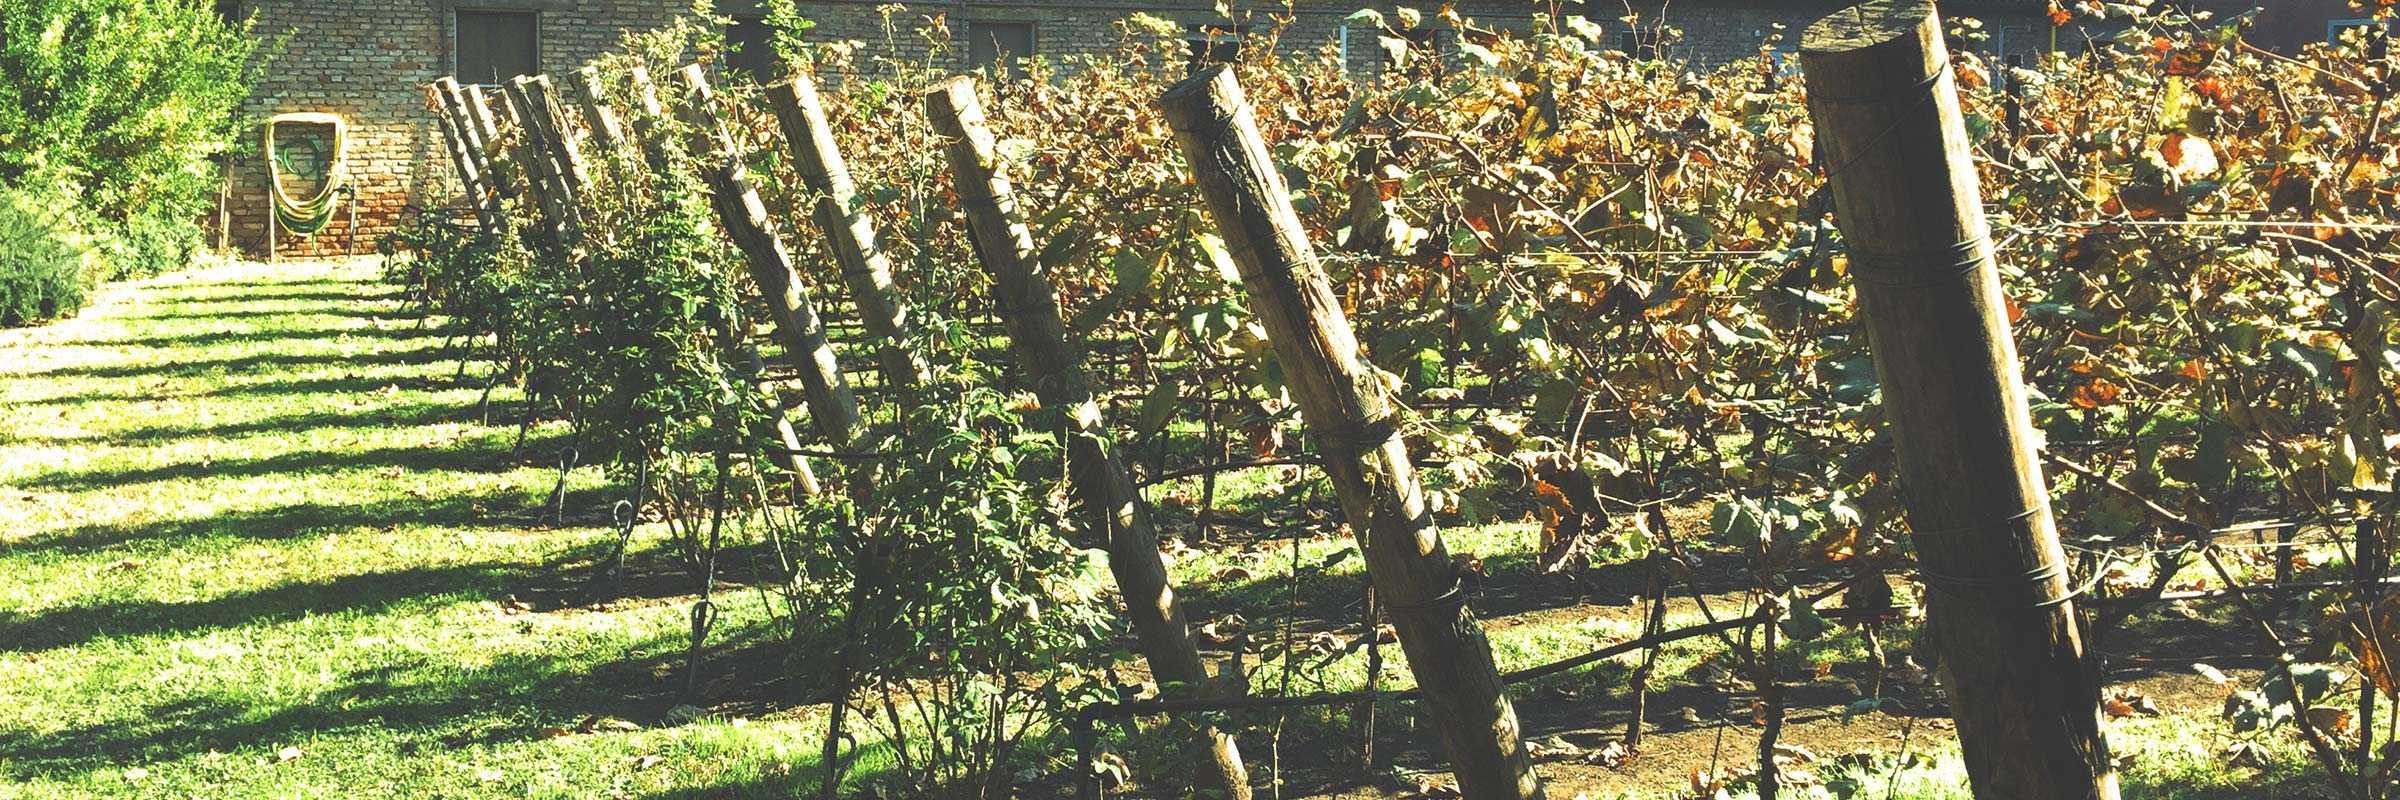 La vigna rinata, di San Francesco della Vigna — (Archivio Venipedia/Bazzmann)